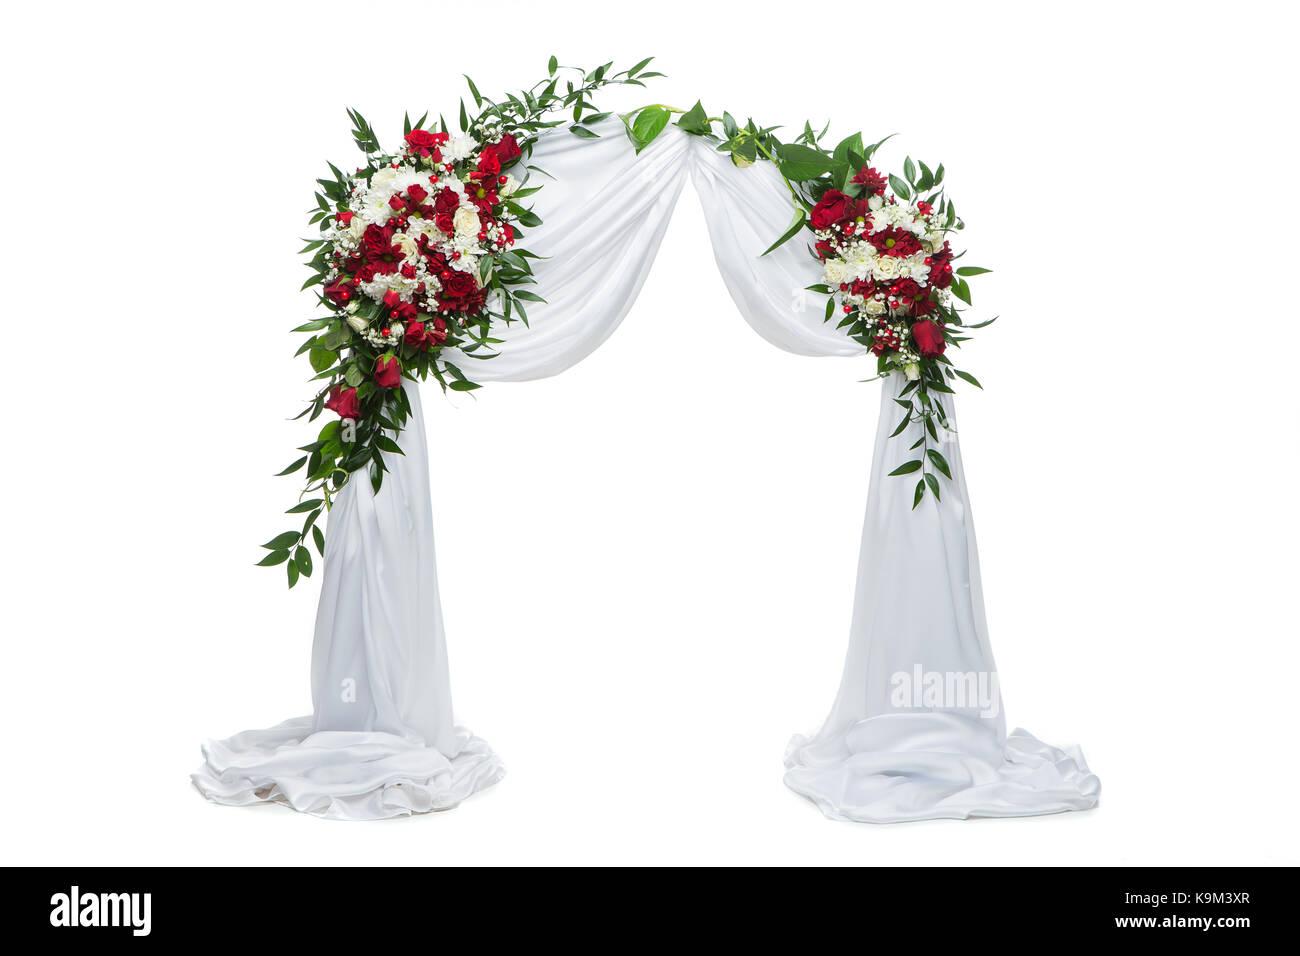 Arco De Flores Hermosas Rosas Decoración De Boda Con Rosas Blancas Y